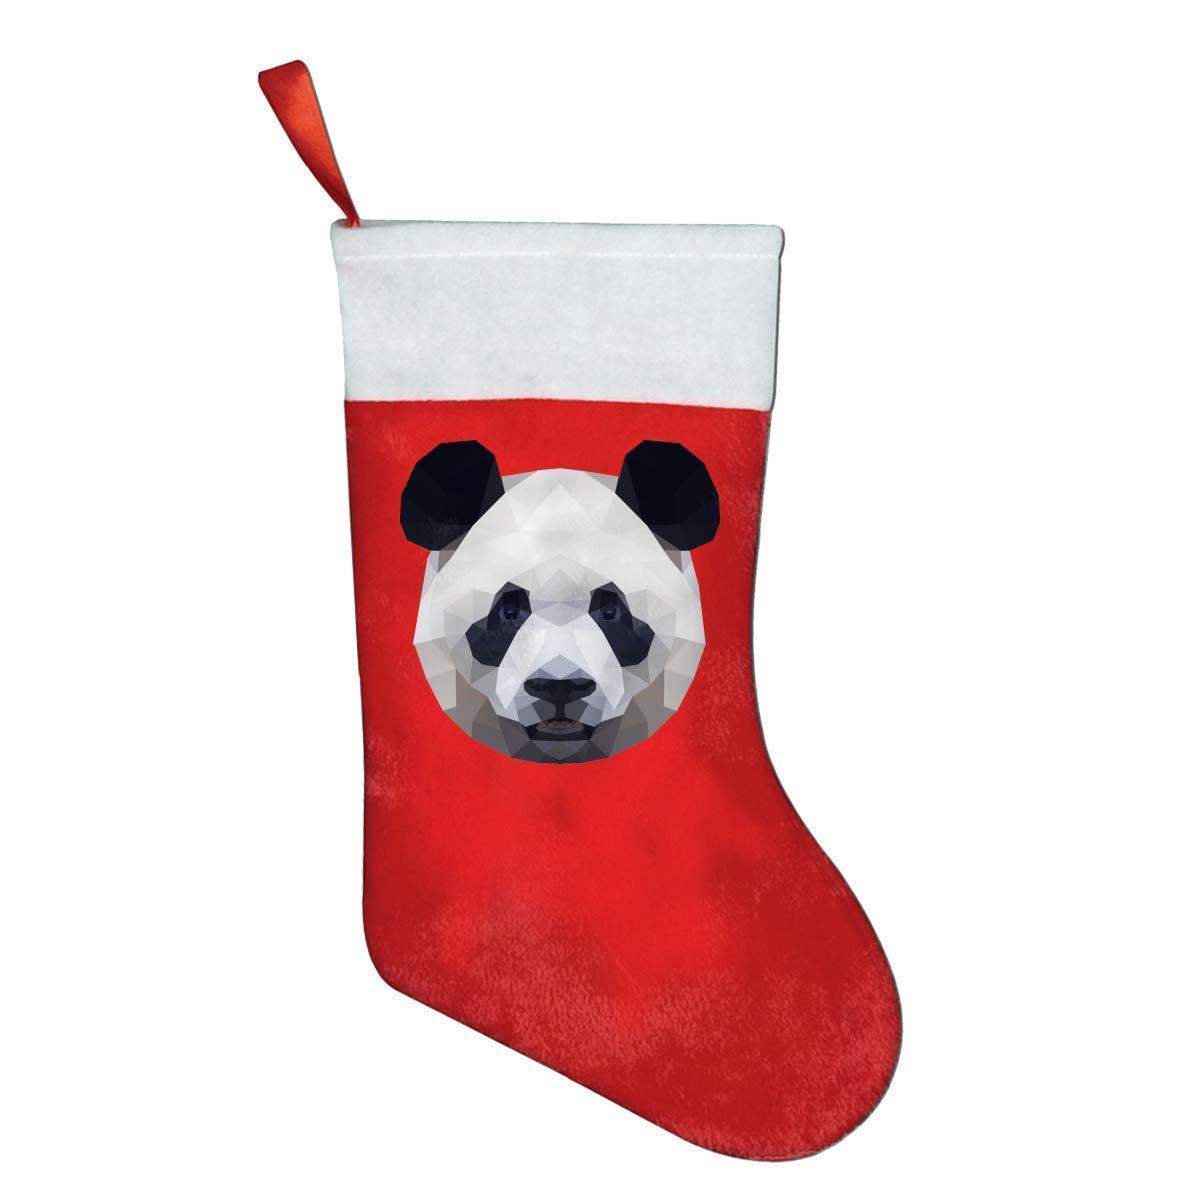 Amazon.com: Calcetines de Navidad con diseño de panda ...